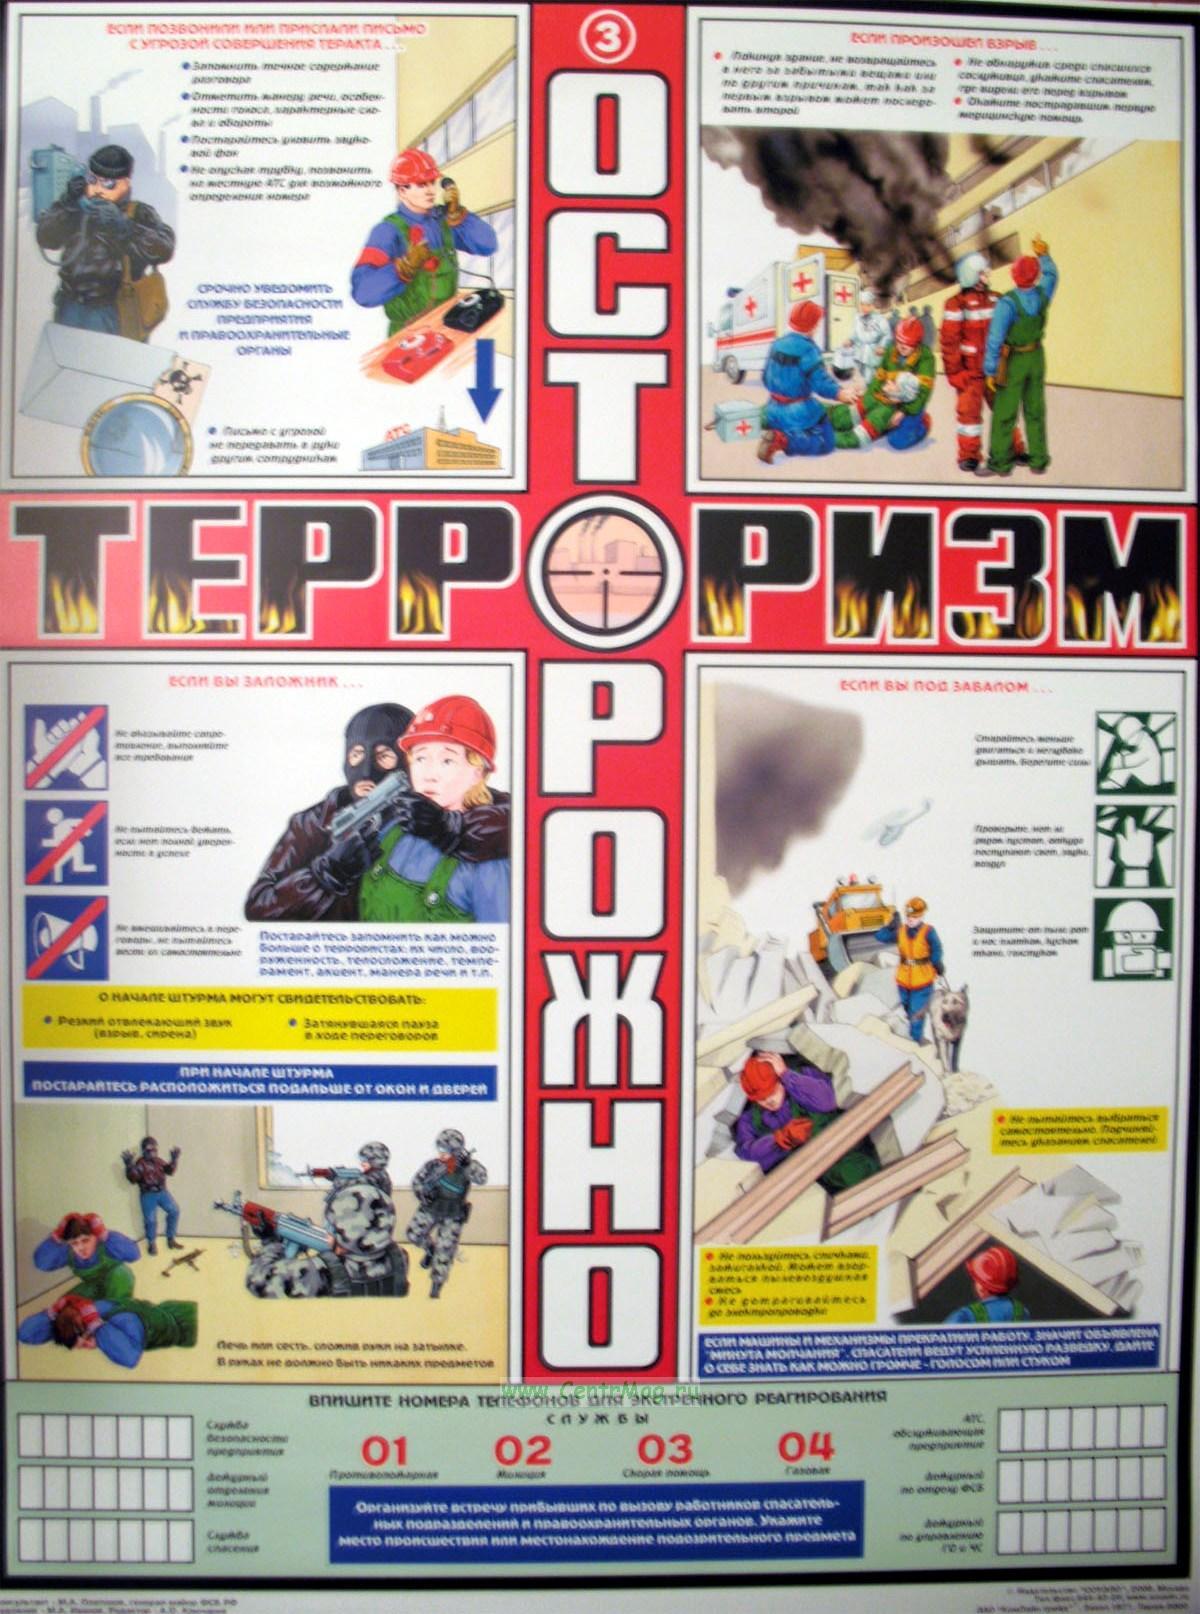 Сообщение на тему история терроризма 18 фотография